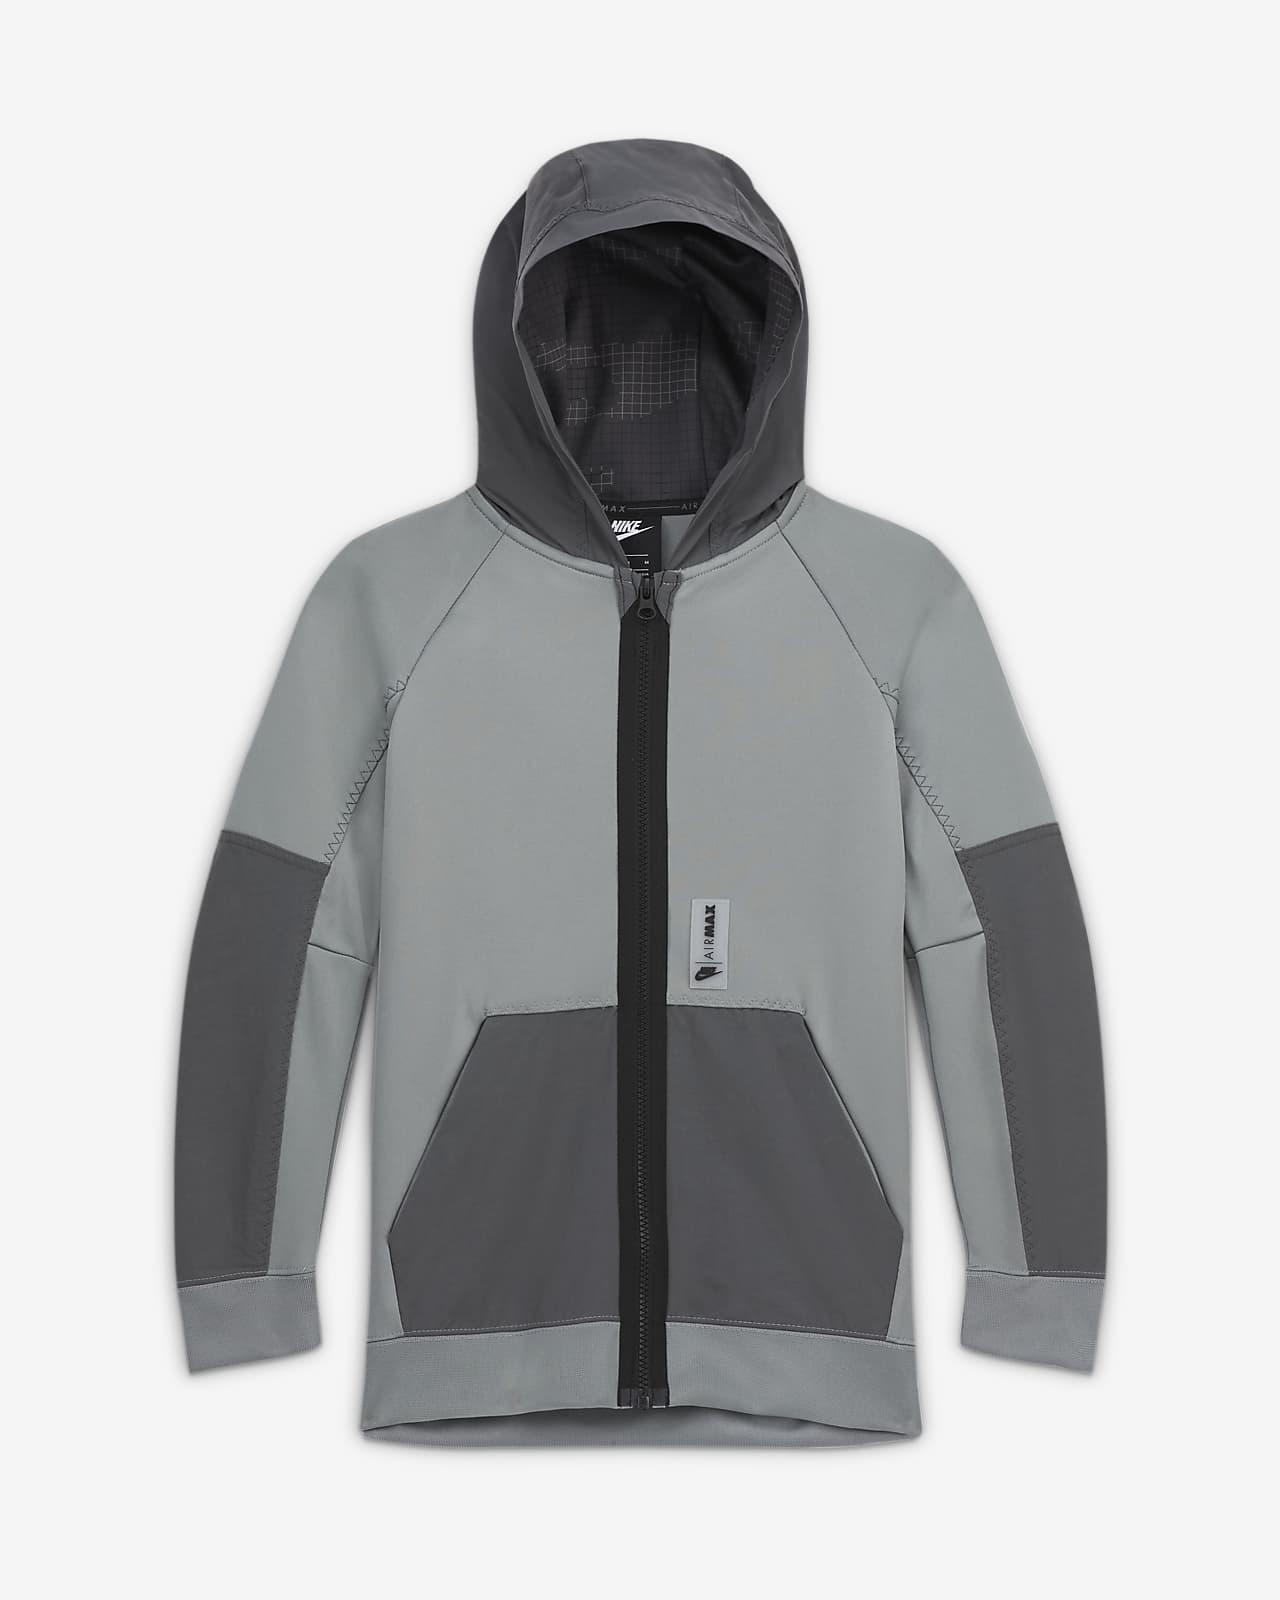 Nike Sportswear Air Max Hoodie mit durchgehendem Reißverschluss für ältere Kinder (Jungen)